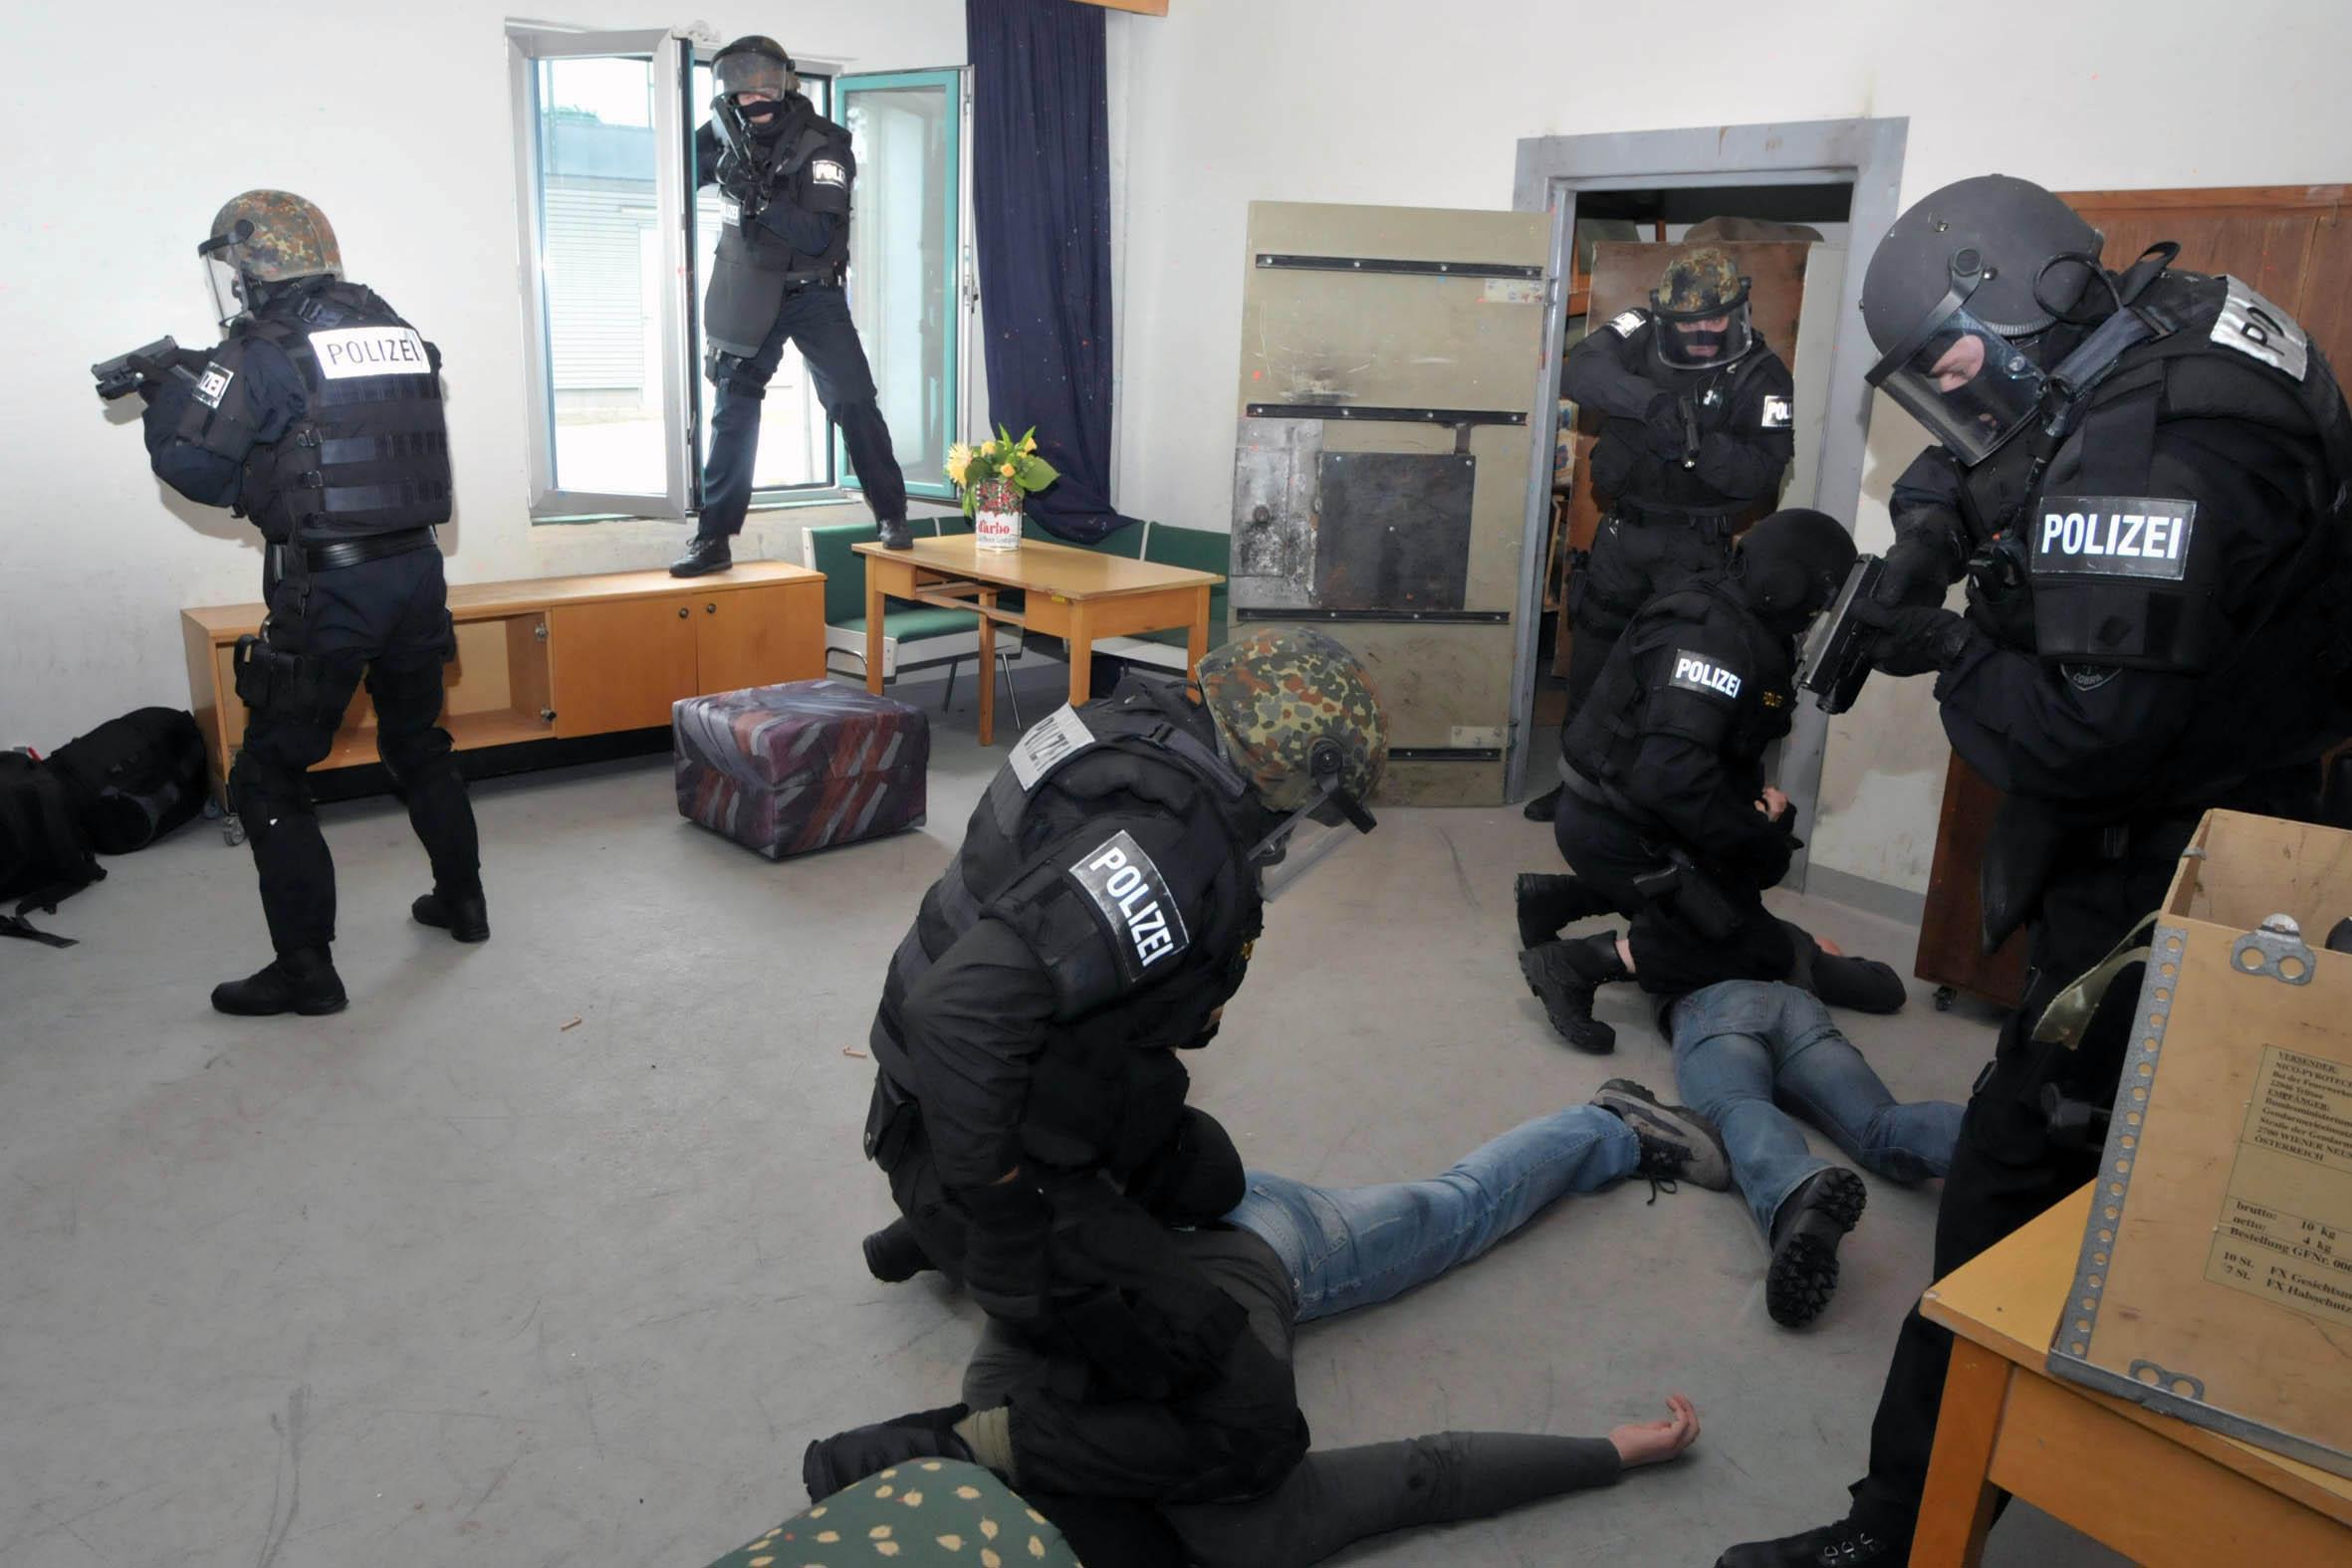 austria politie teorrism